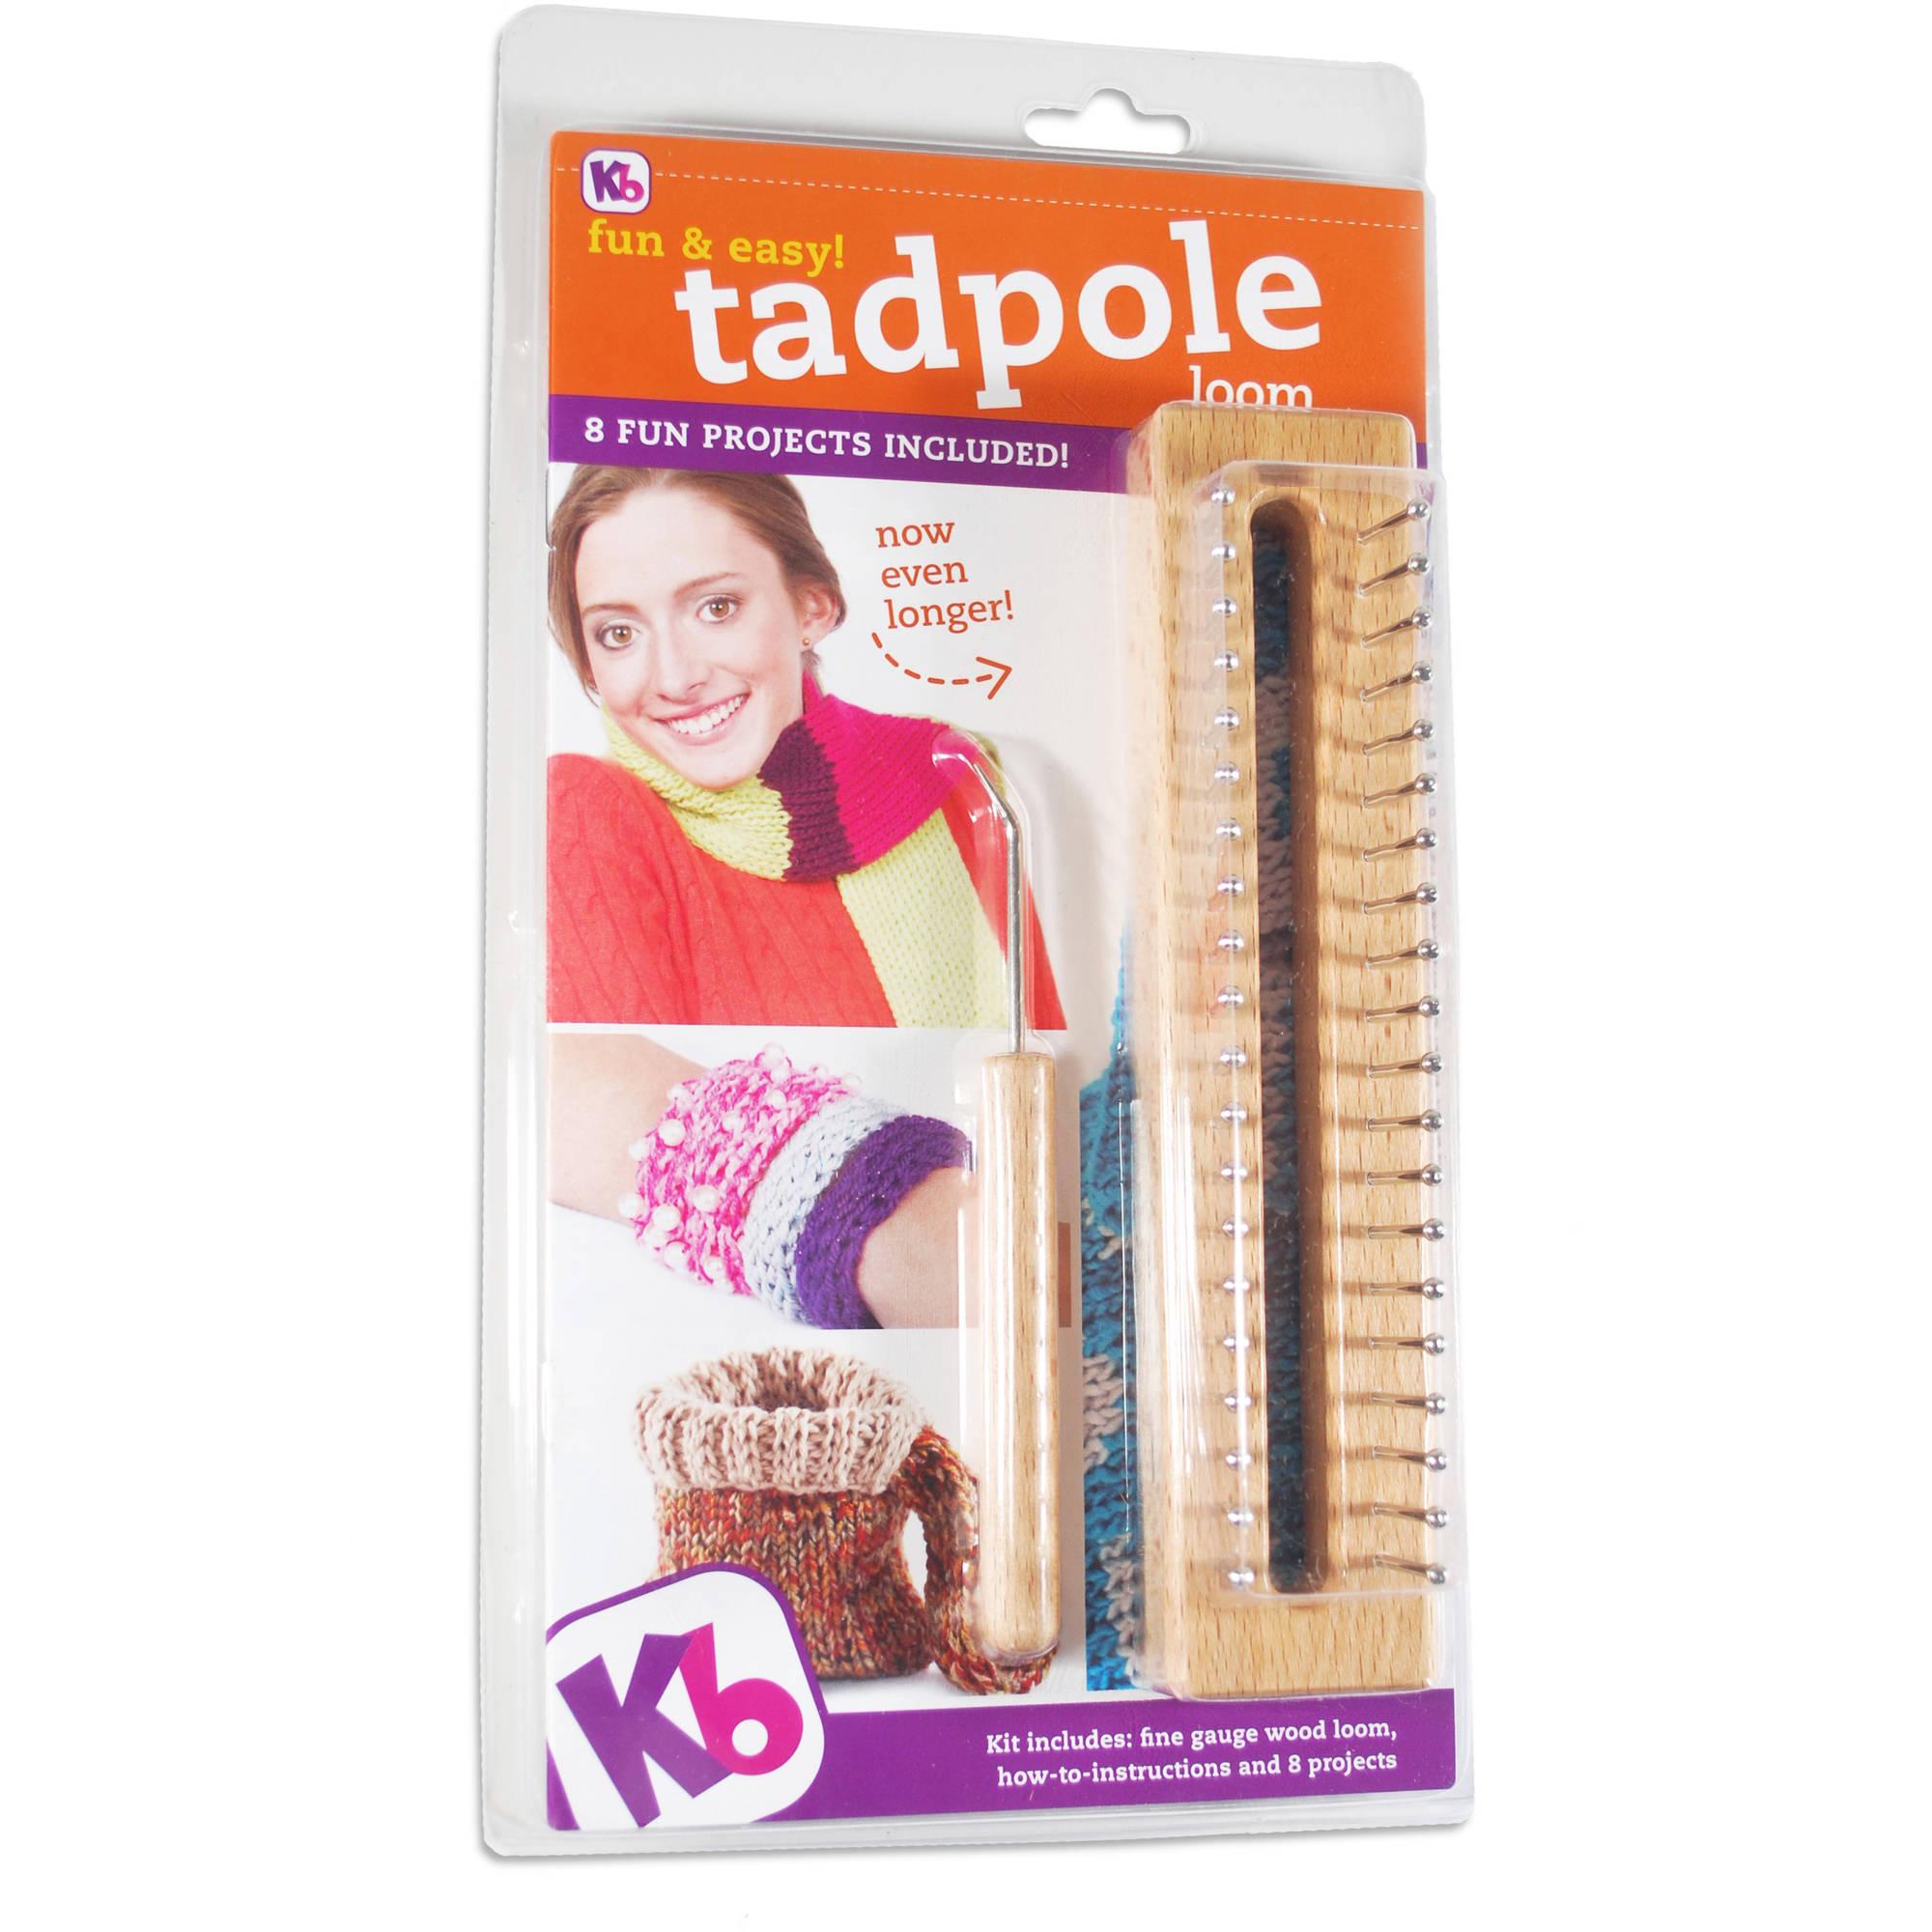 KB Tadpole Loom